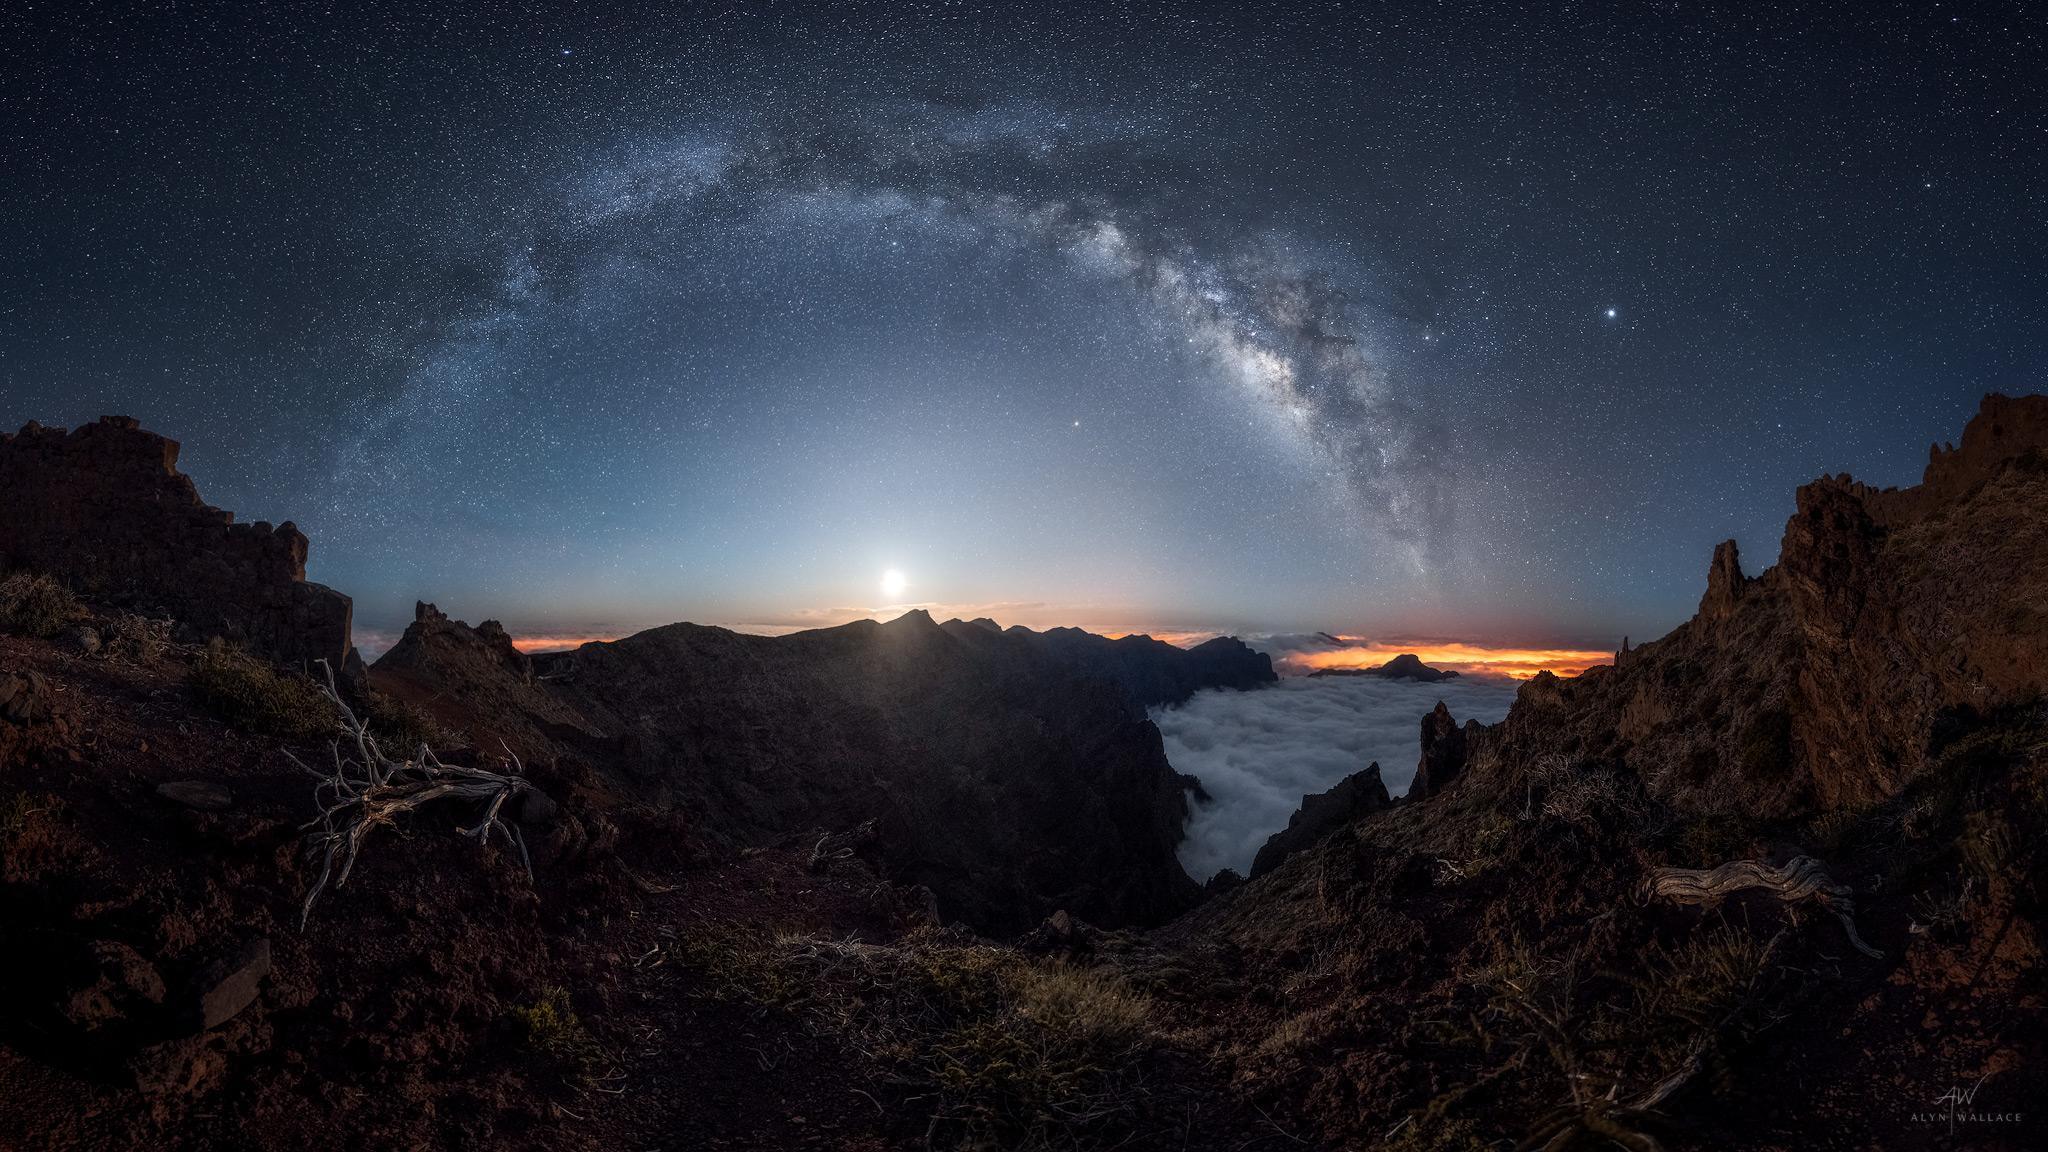 Infinito-La-Palma-Canary-Islands-Milky-Way.jpg